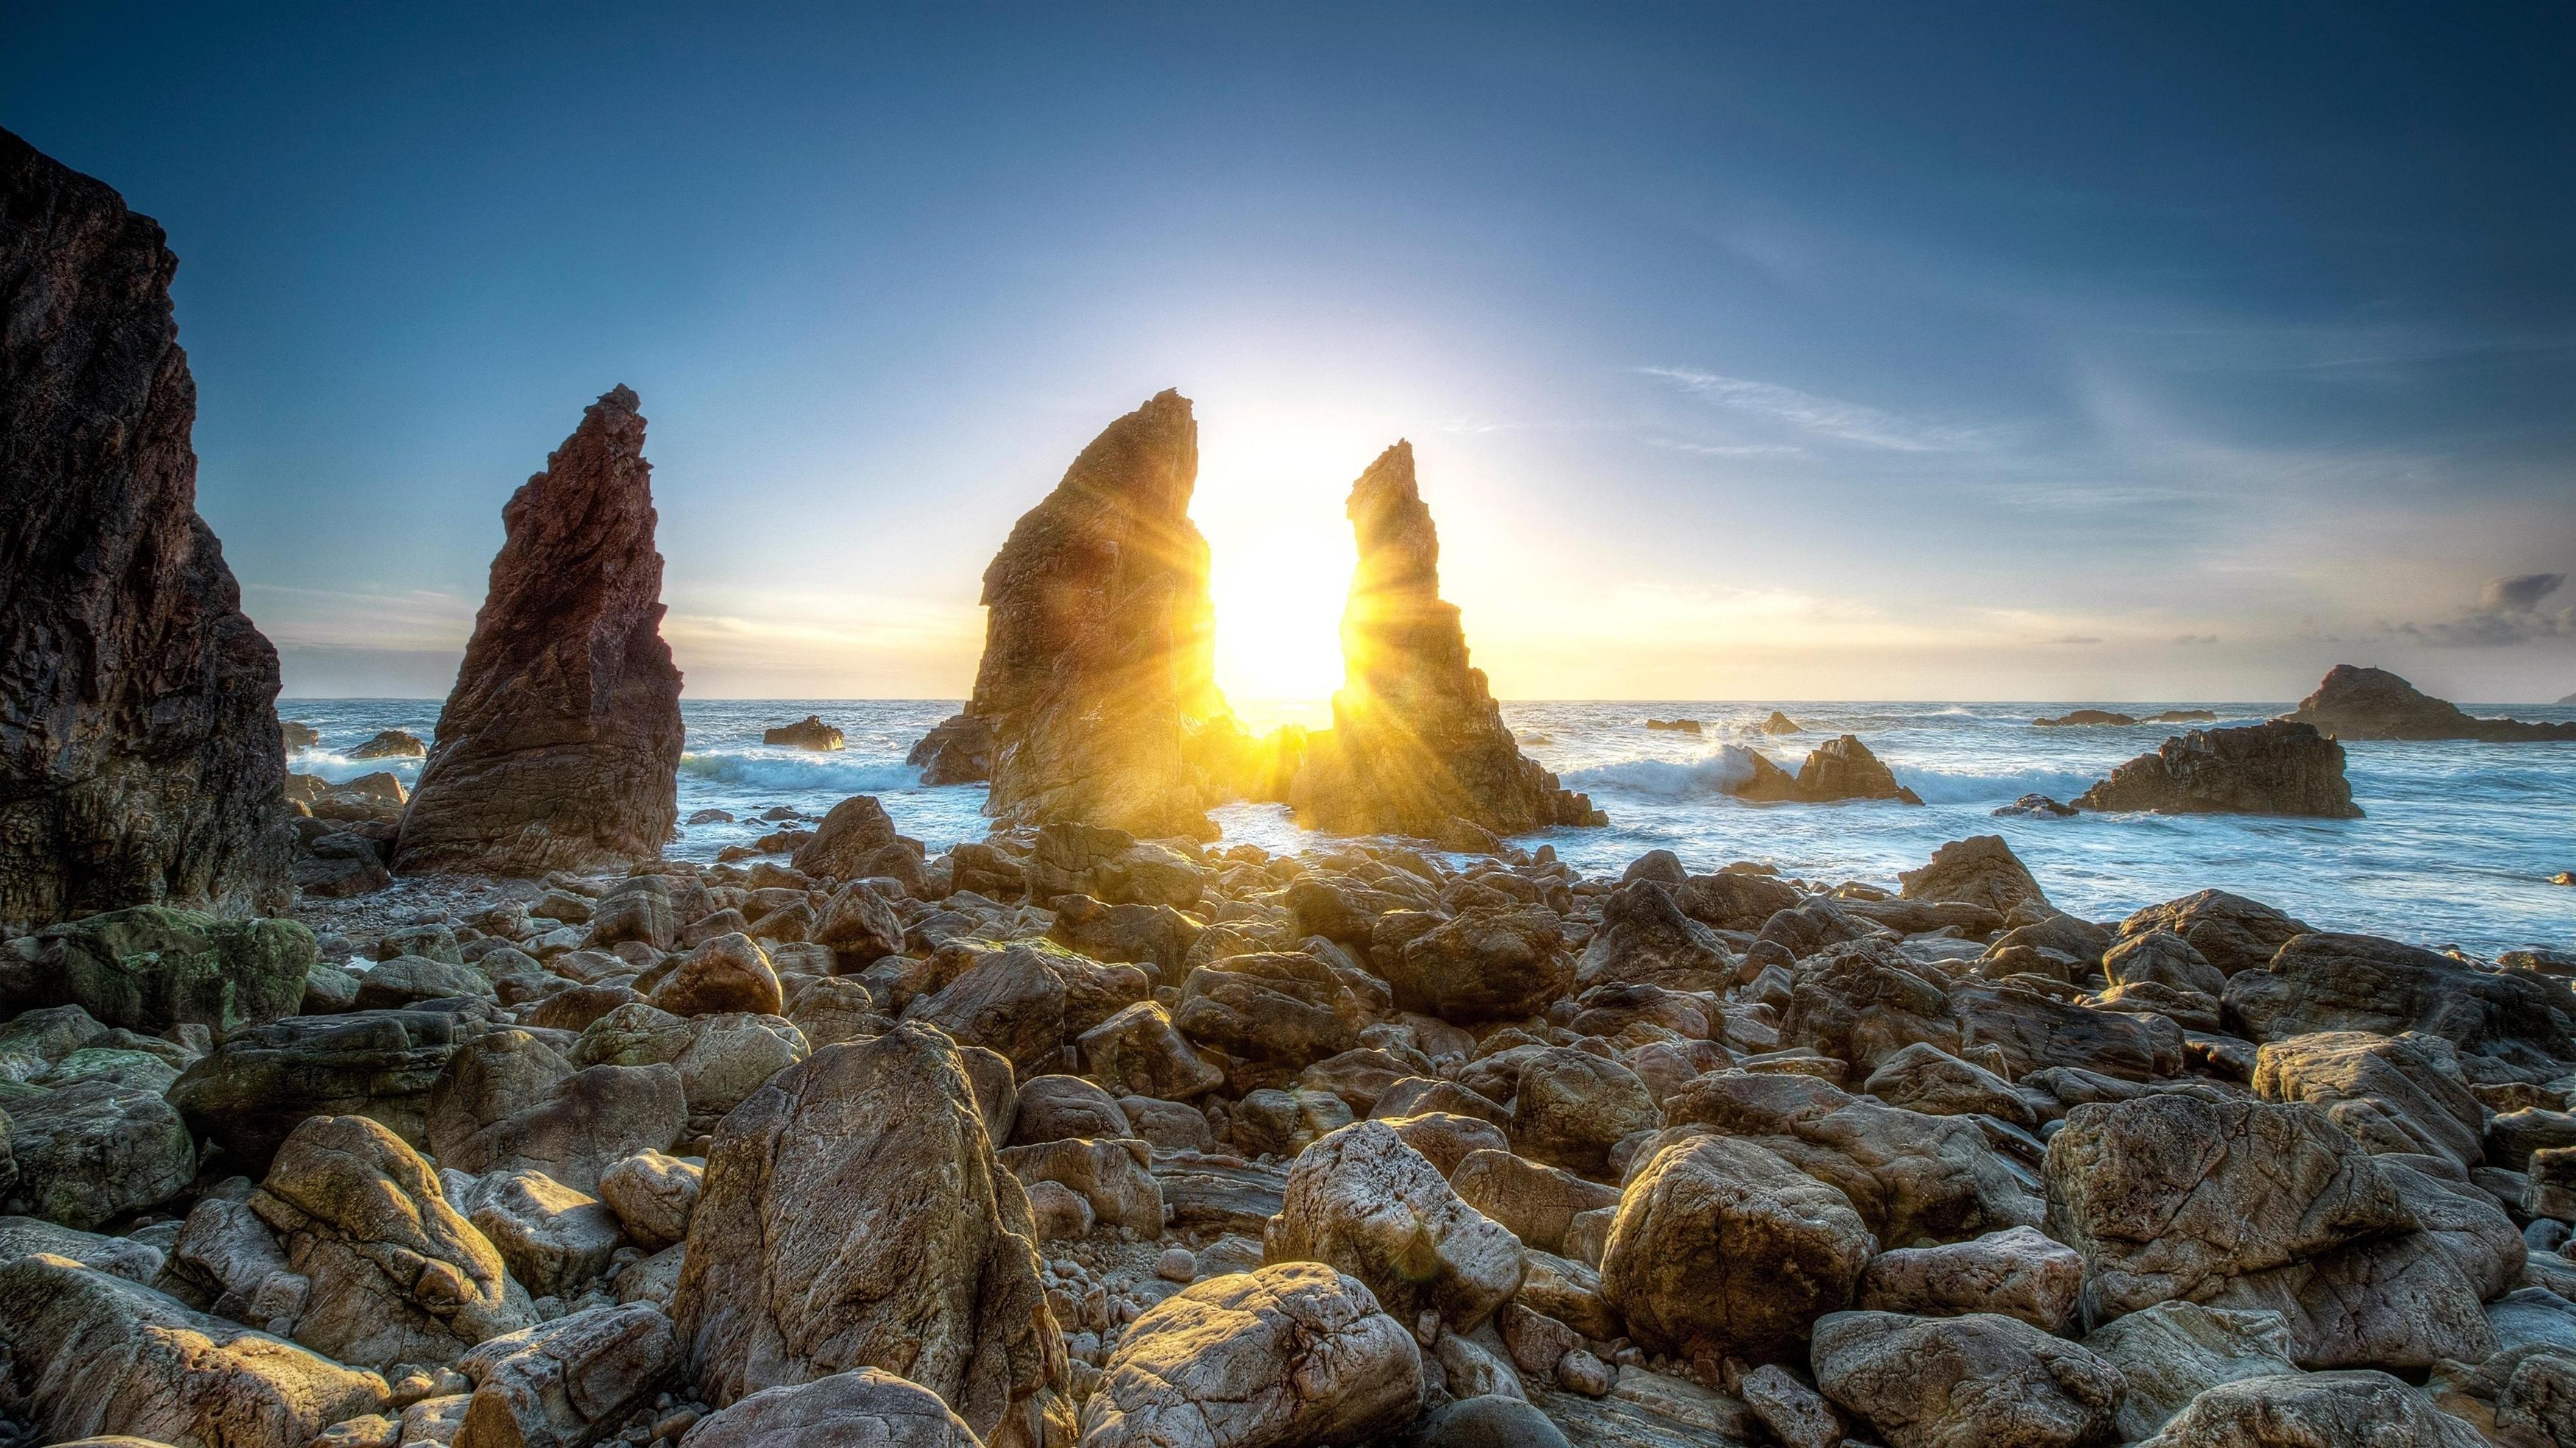 Солнечный свет, проходящий сквозь скалы между берегами моря под голубым небом в дневное время природа обои скачать